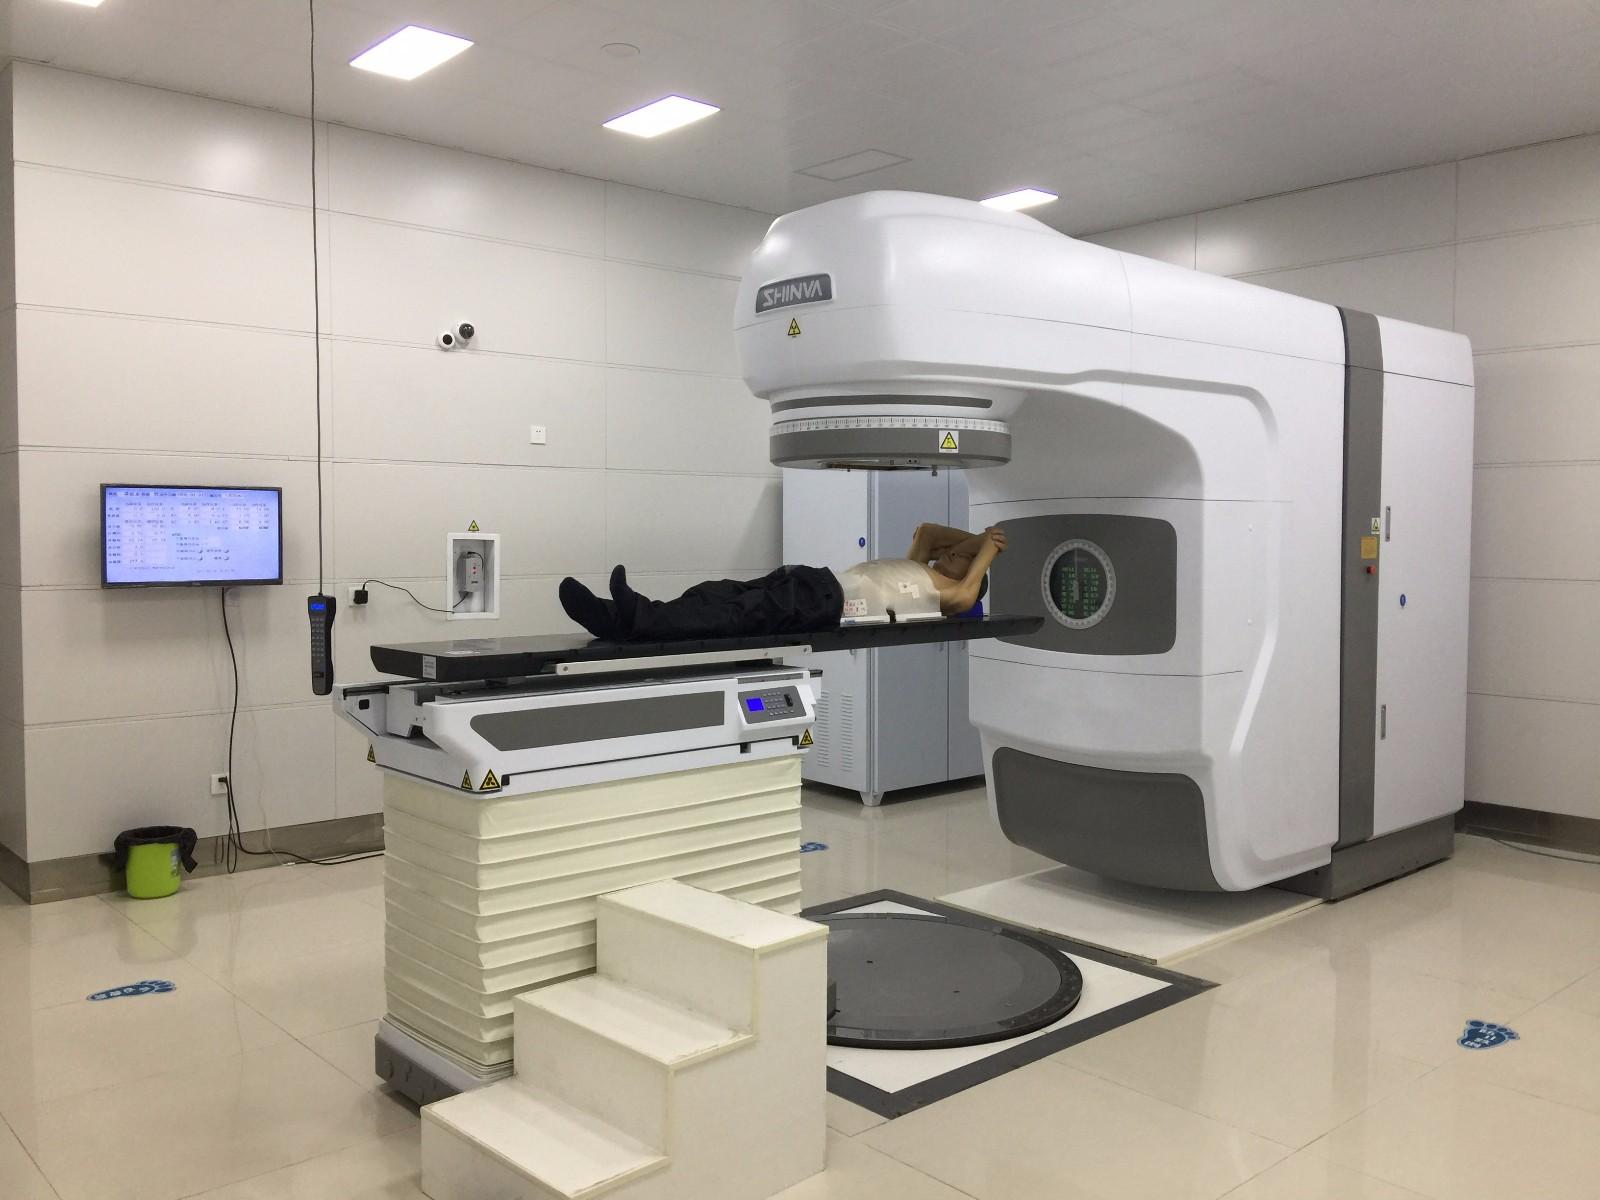 直线加速器进行放射治疗.jpg